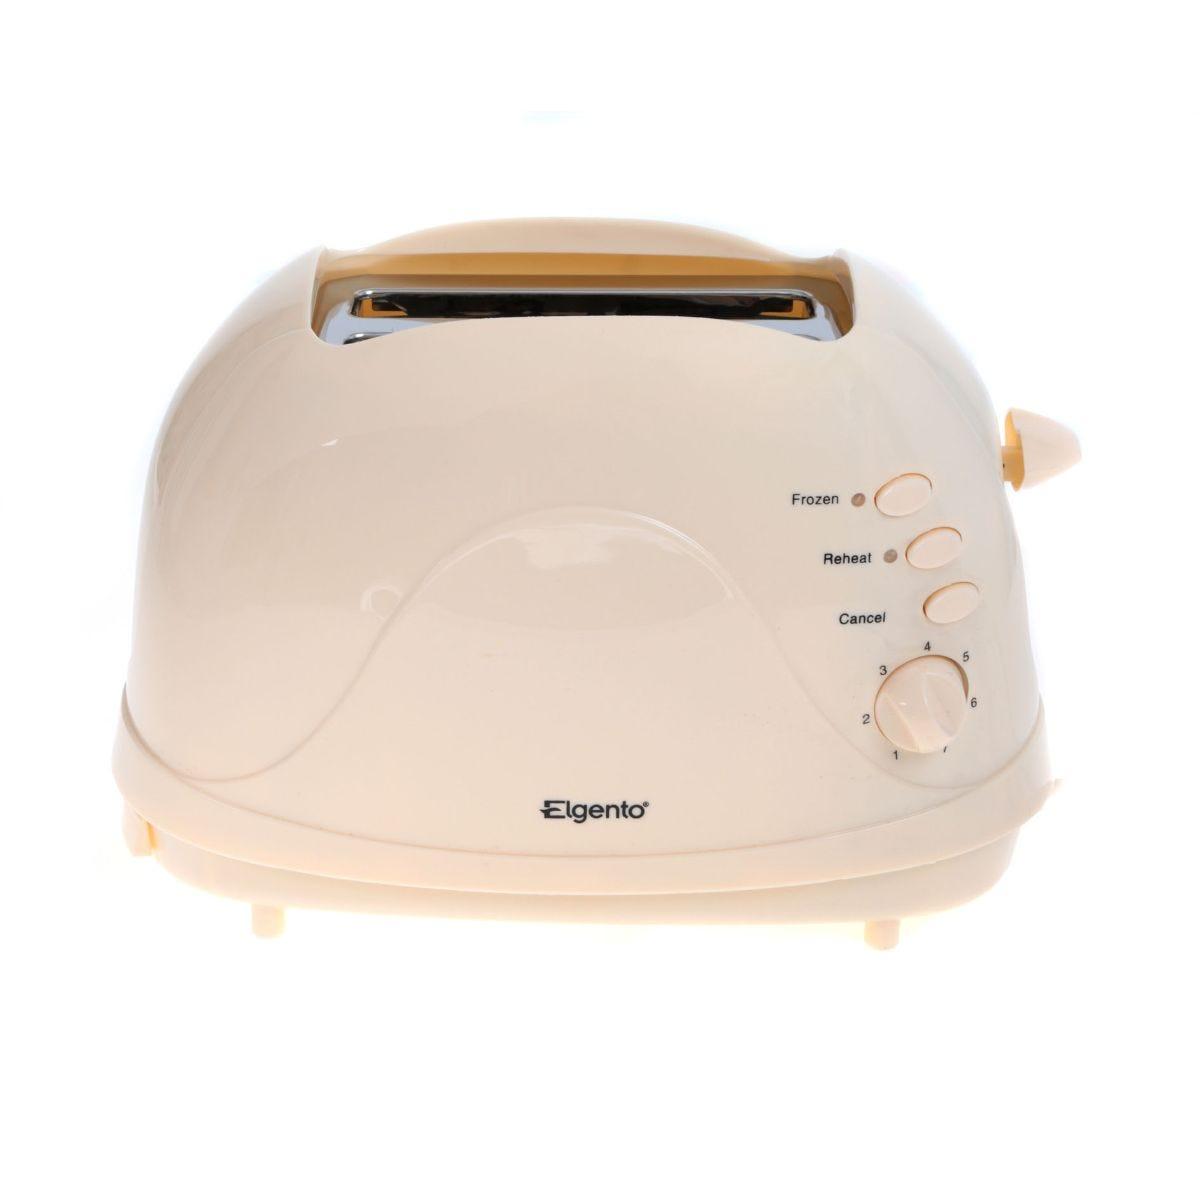 Elgento 2 Slice Toaster, Cream